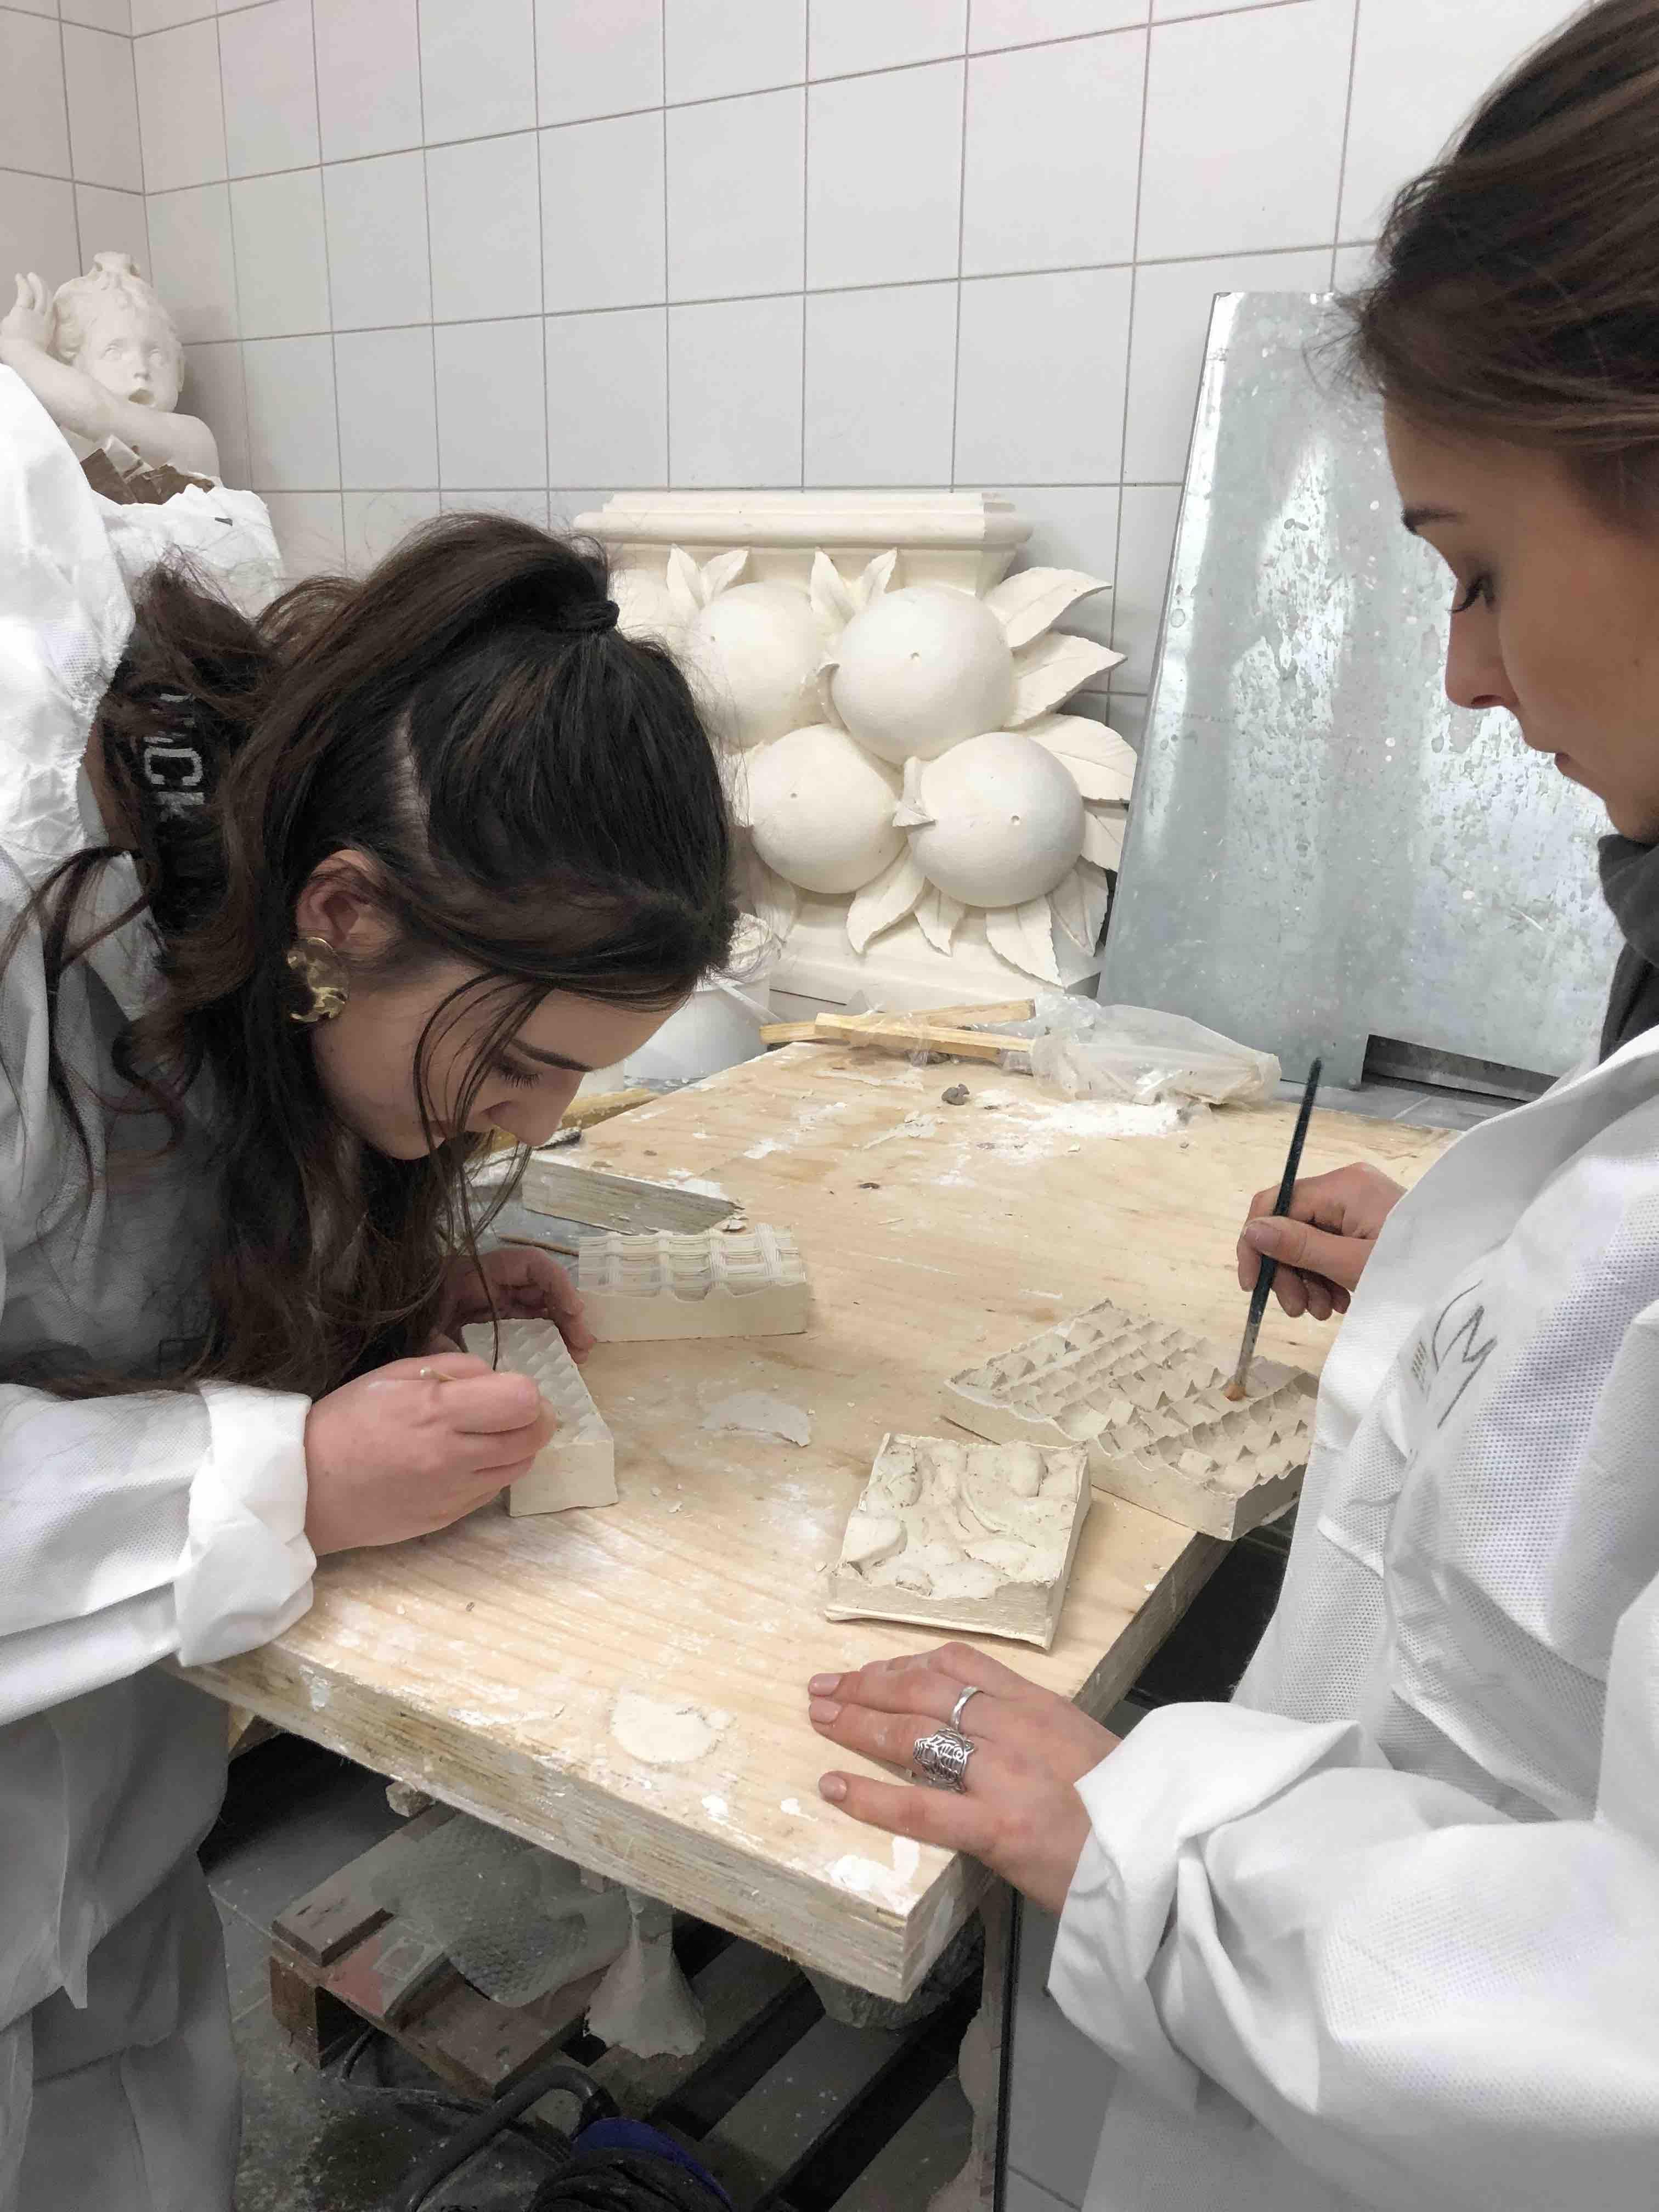 l'école Camondo chez Tollis, sculpteur, staffeur ornemaniste